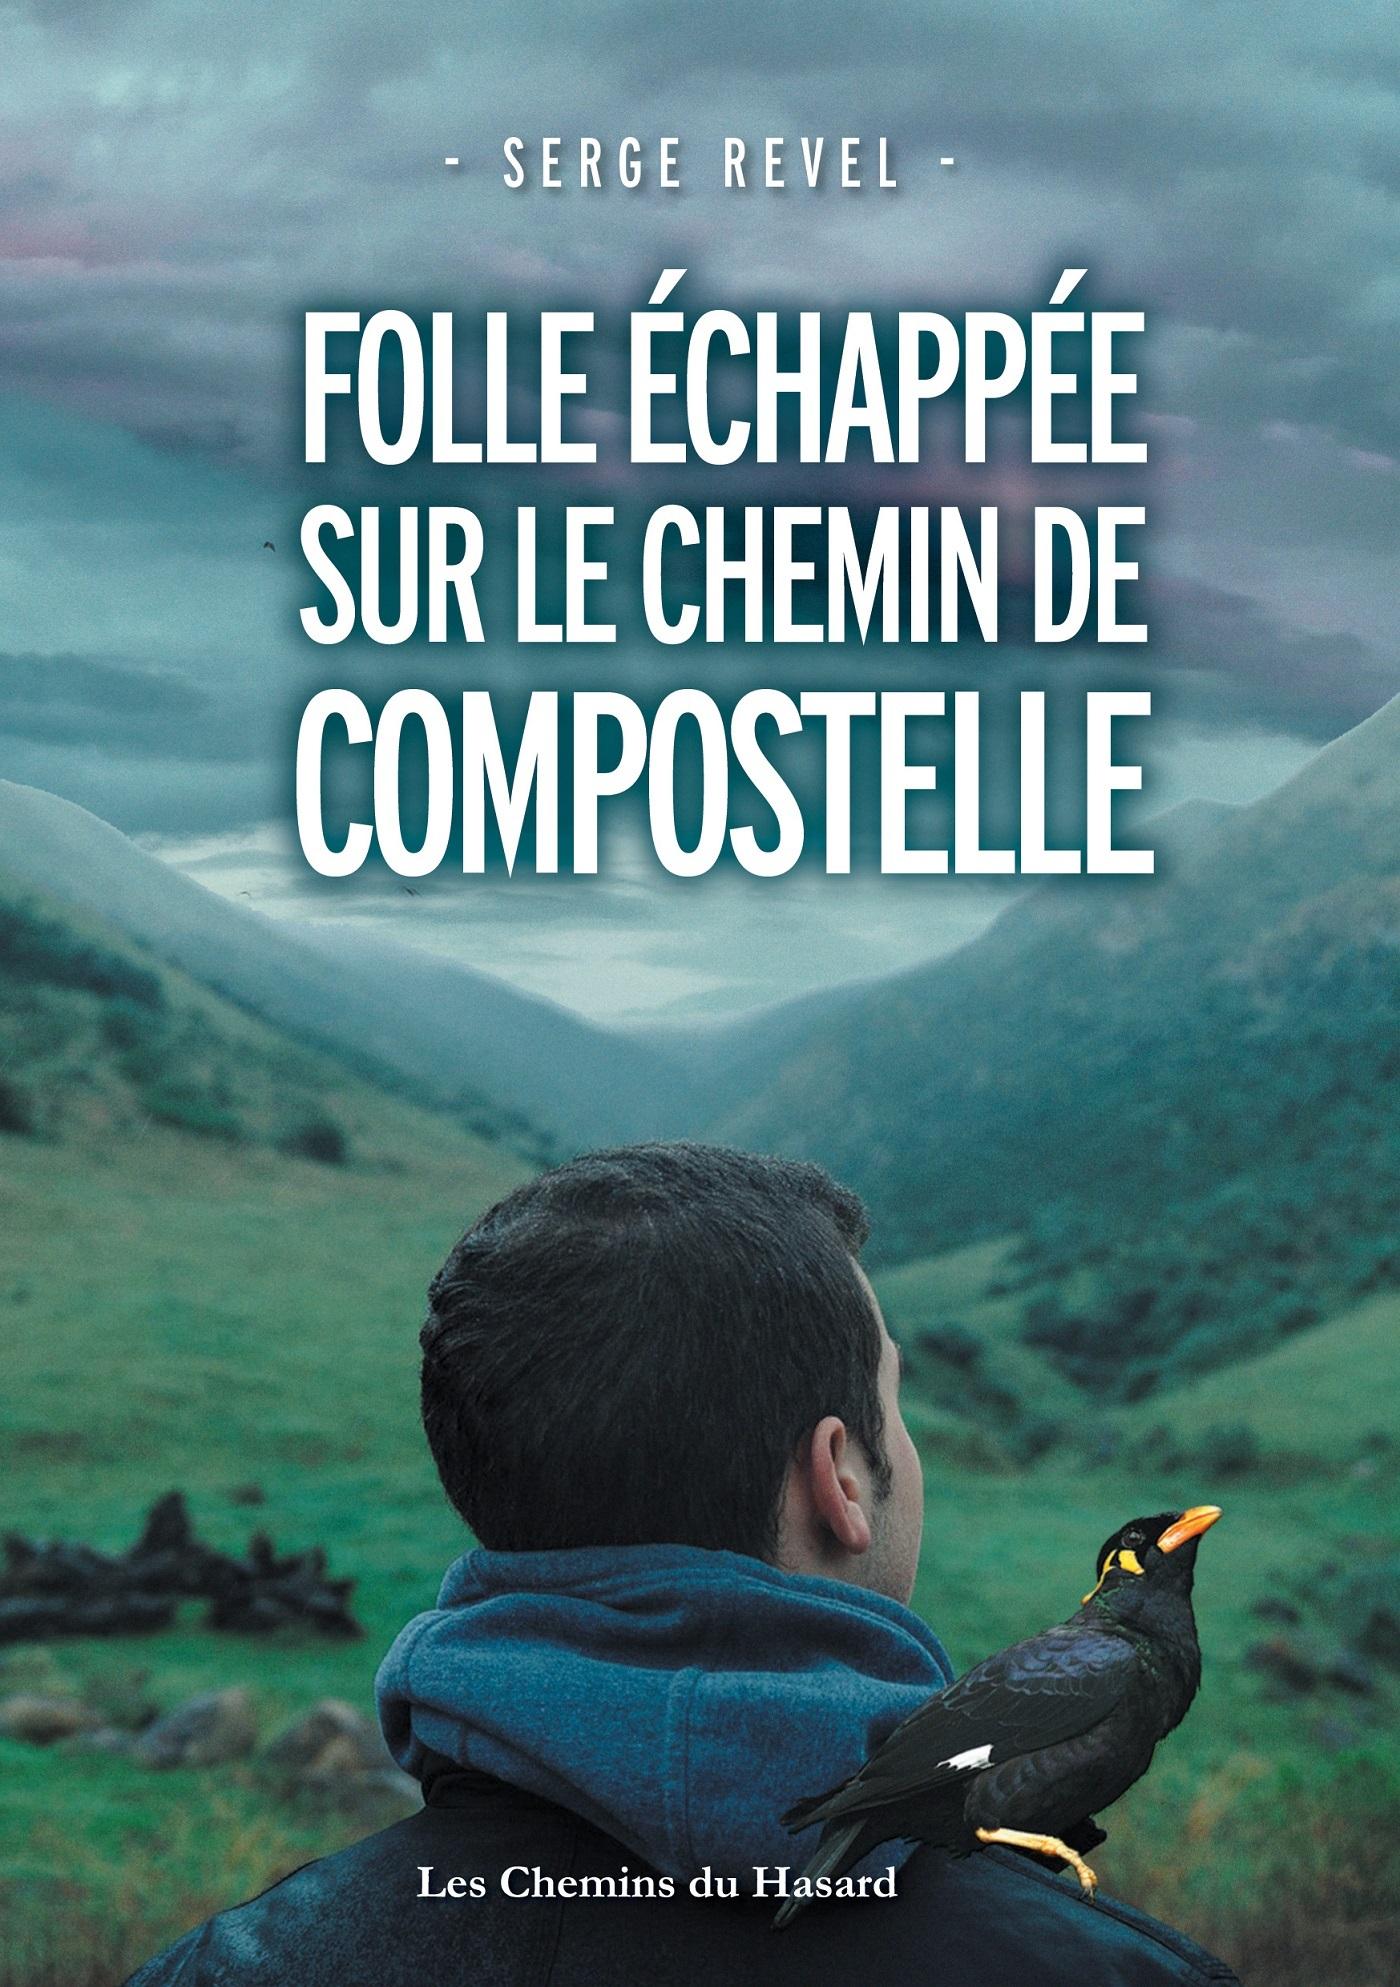 FOLLE ECHAPPEE SUR LE CHEMIN DE COMPOSTELLE